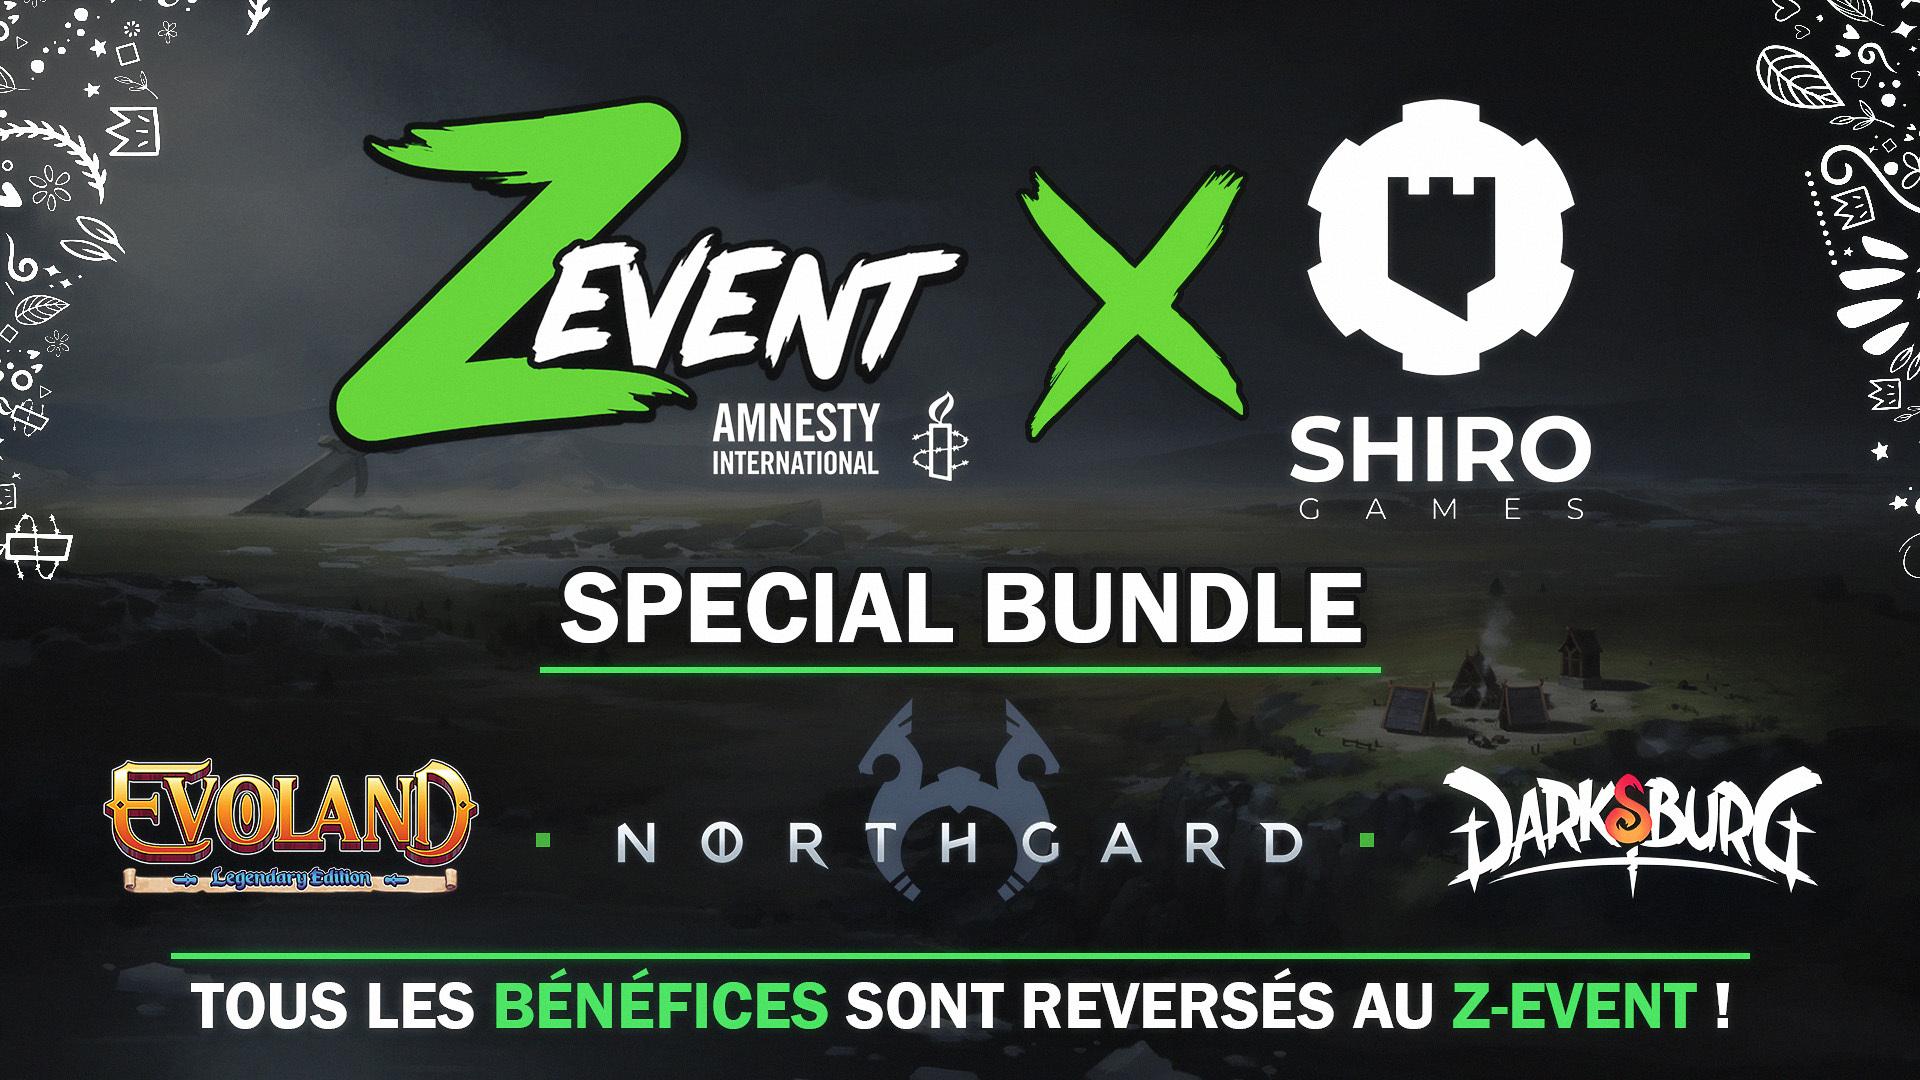 Bundle Zevent : Jeux Northgard + Evoland Legendary Edition (Evoland 1 & 2) + Darksburg sur PC (Dématérialisé, Steam) - shirogames.com